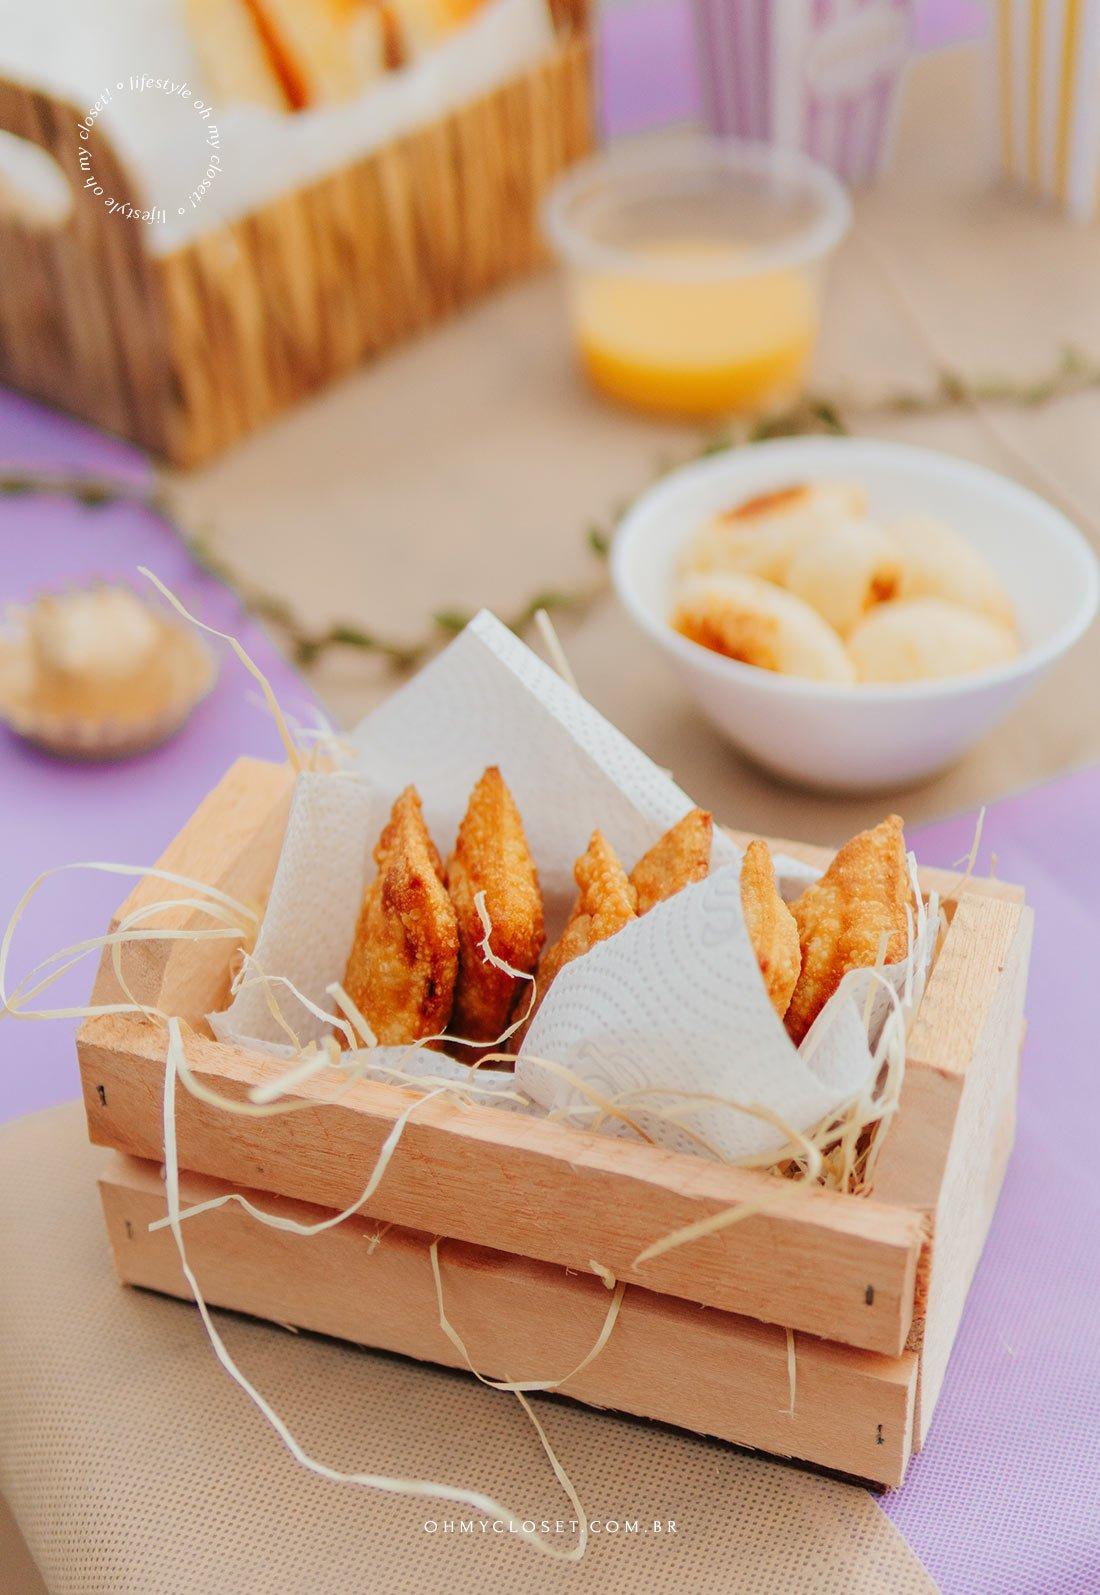 Detalhe dos pastéis na mesa de comida da festa junina em apartamento com pães de queijo ao fundo